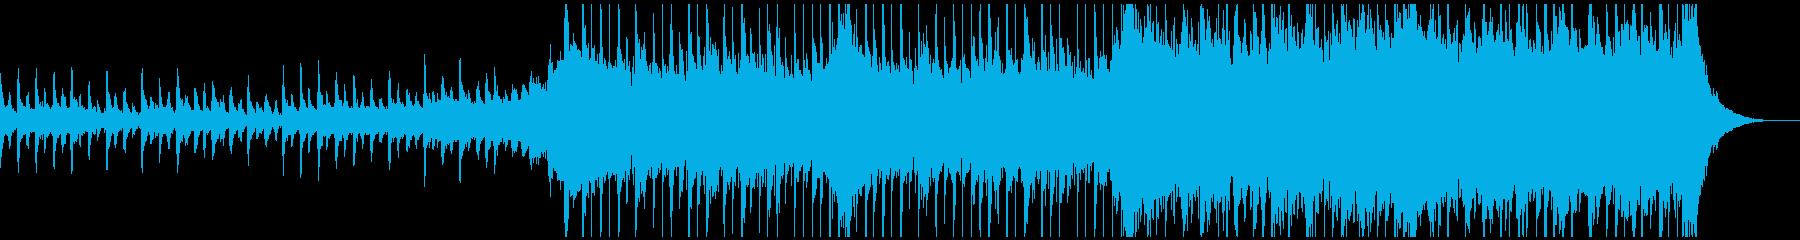 フュージョン ジャズ 現代的 交響...の再生済みの波形